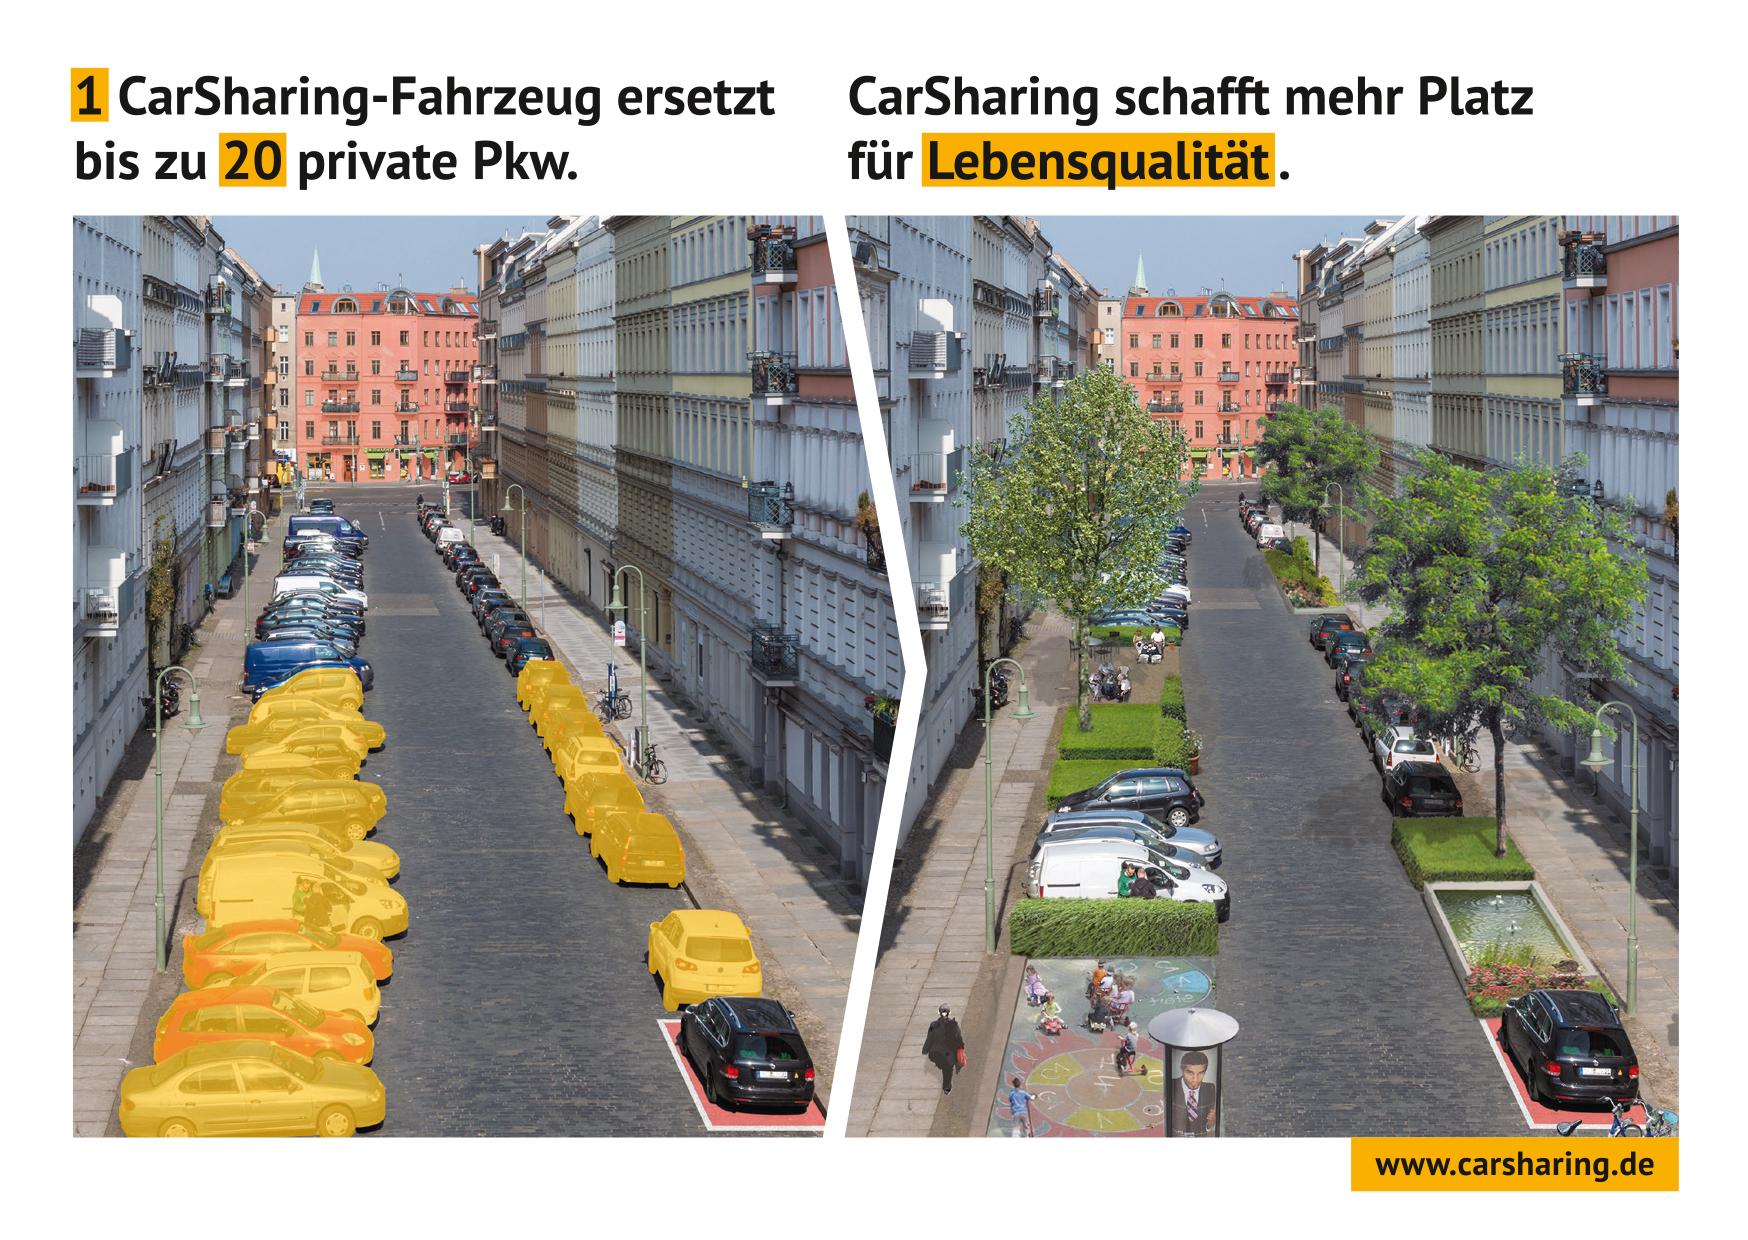 Carsharing schhafft mehr Platz für Lebensqualität